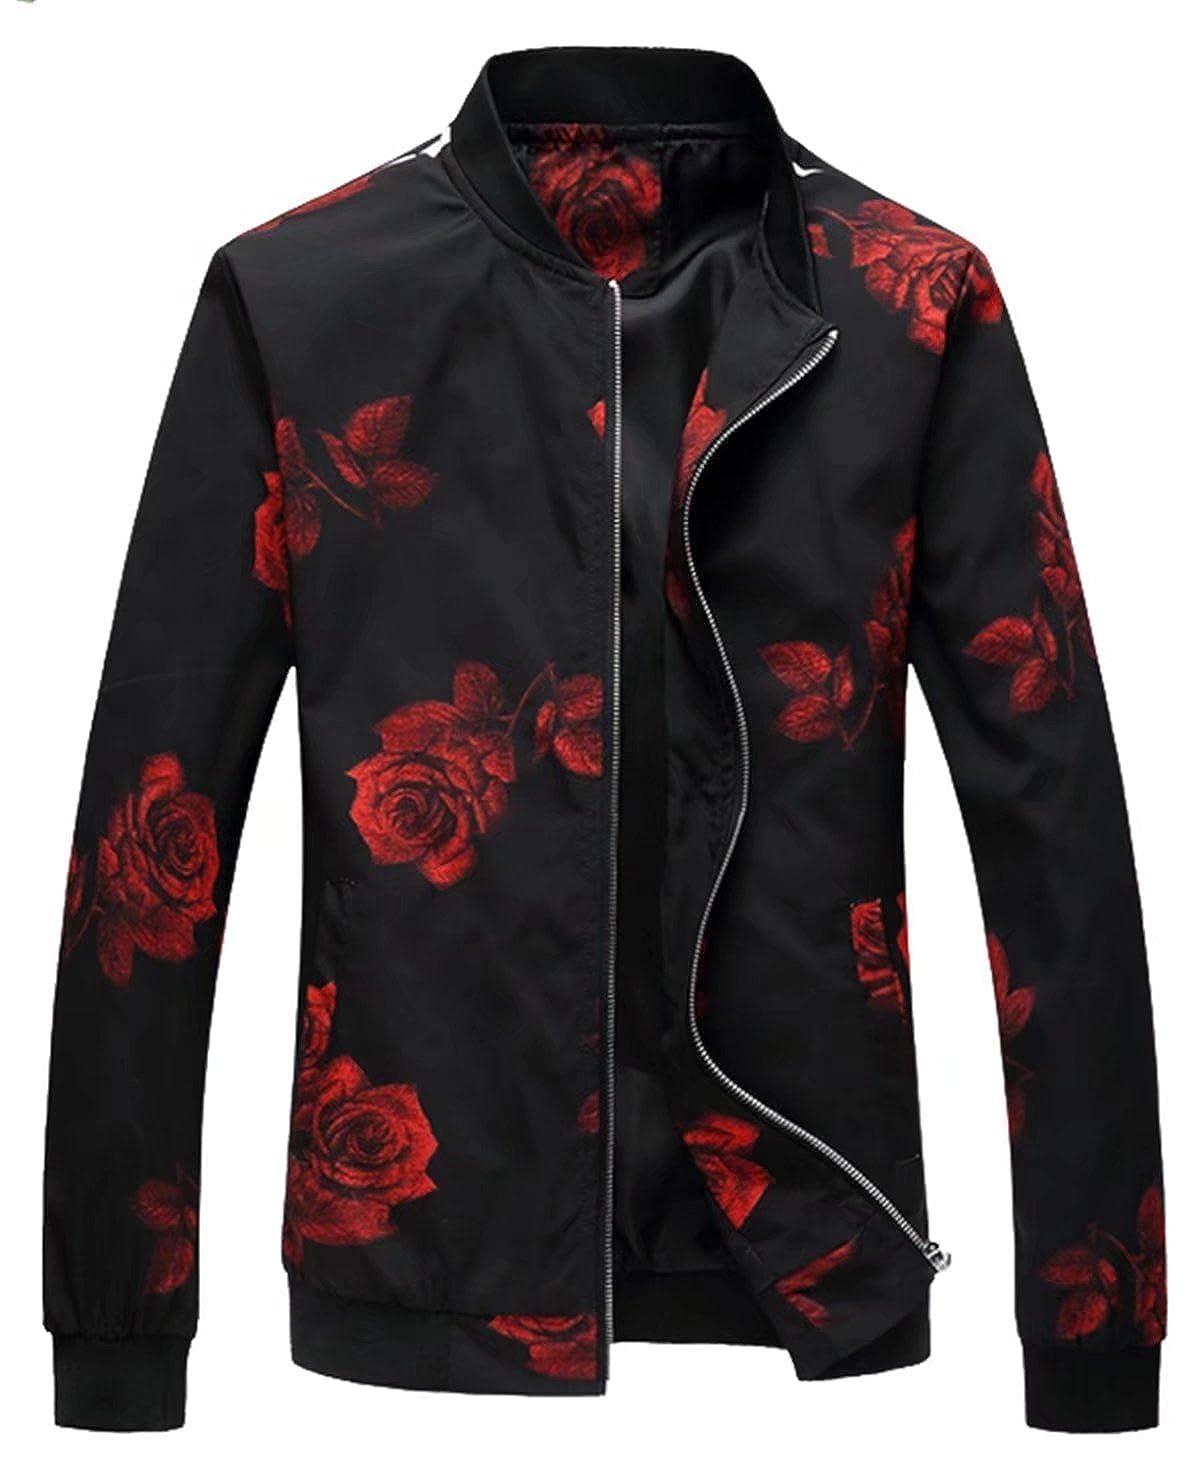 EMAOR Mens Casual Slim Fit Printed Jacket Coat